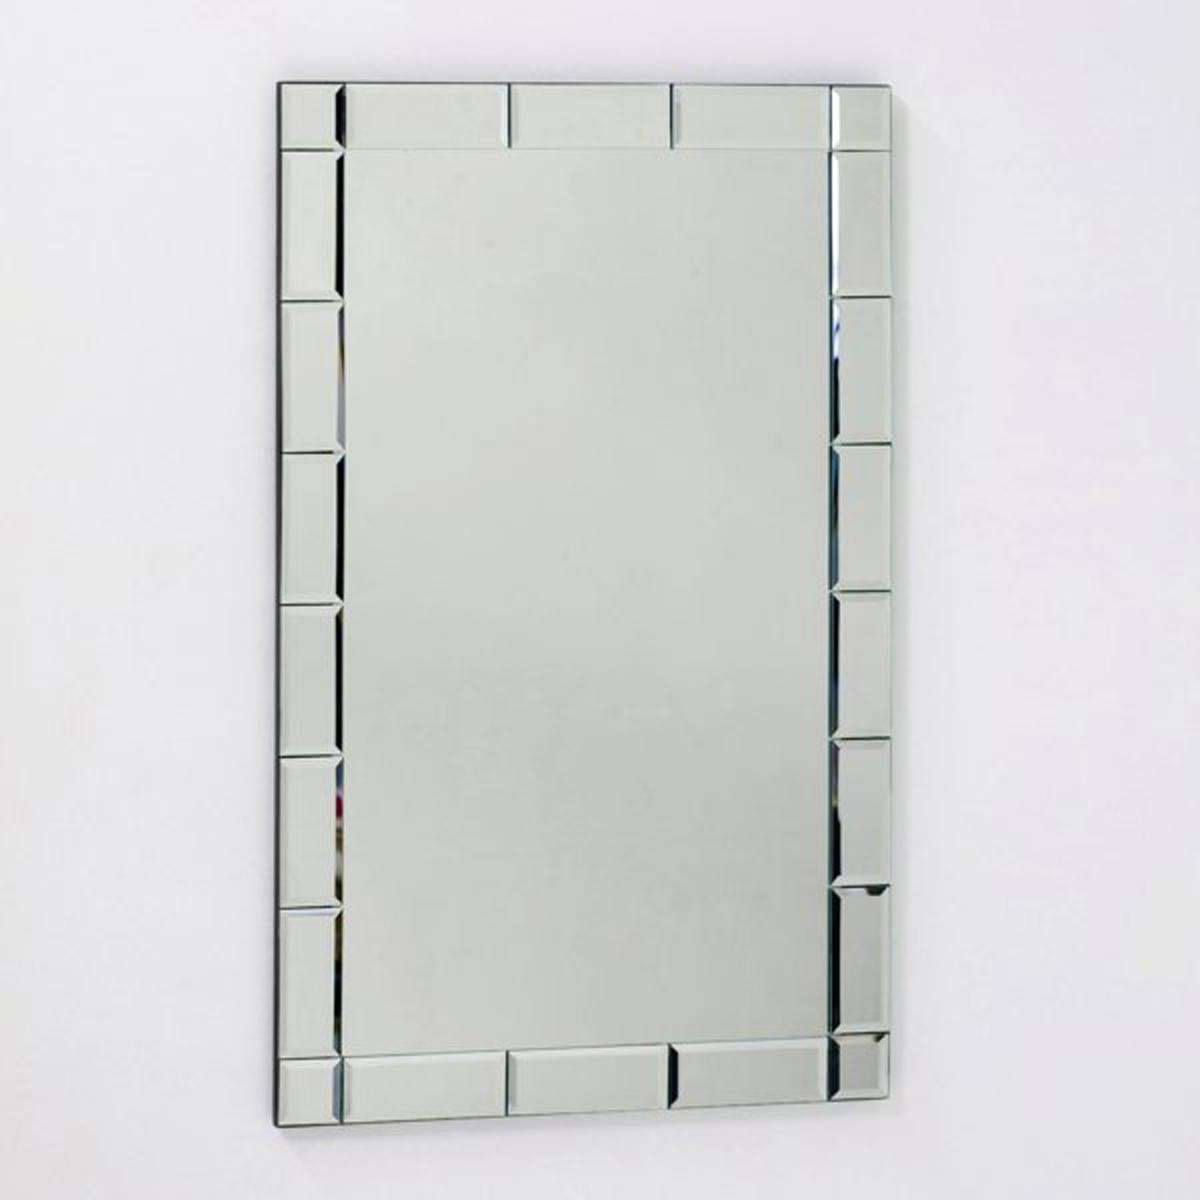 Зеркало настенное Astier, большая модель, Ш.50 x В.80 cм<br><br>Цвет: безцветный